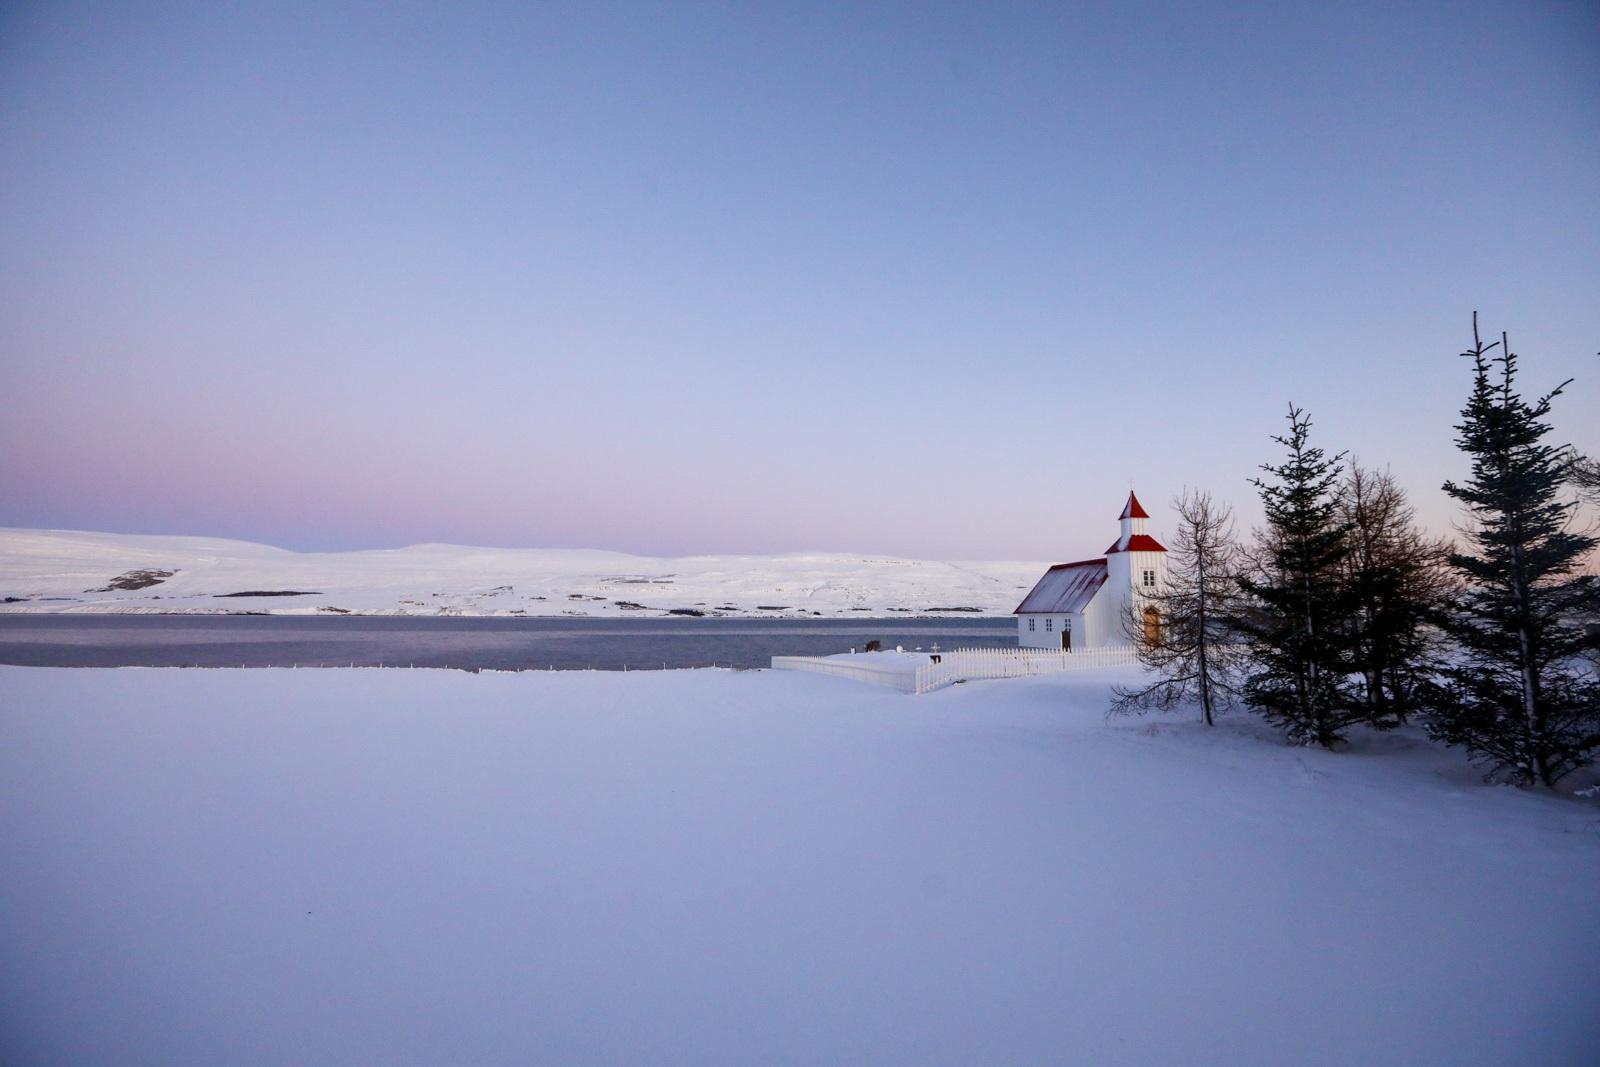 Paisagem do norte da Islândia